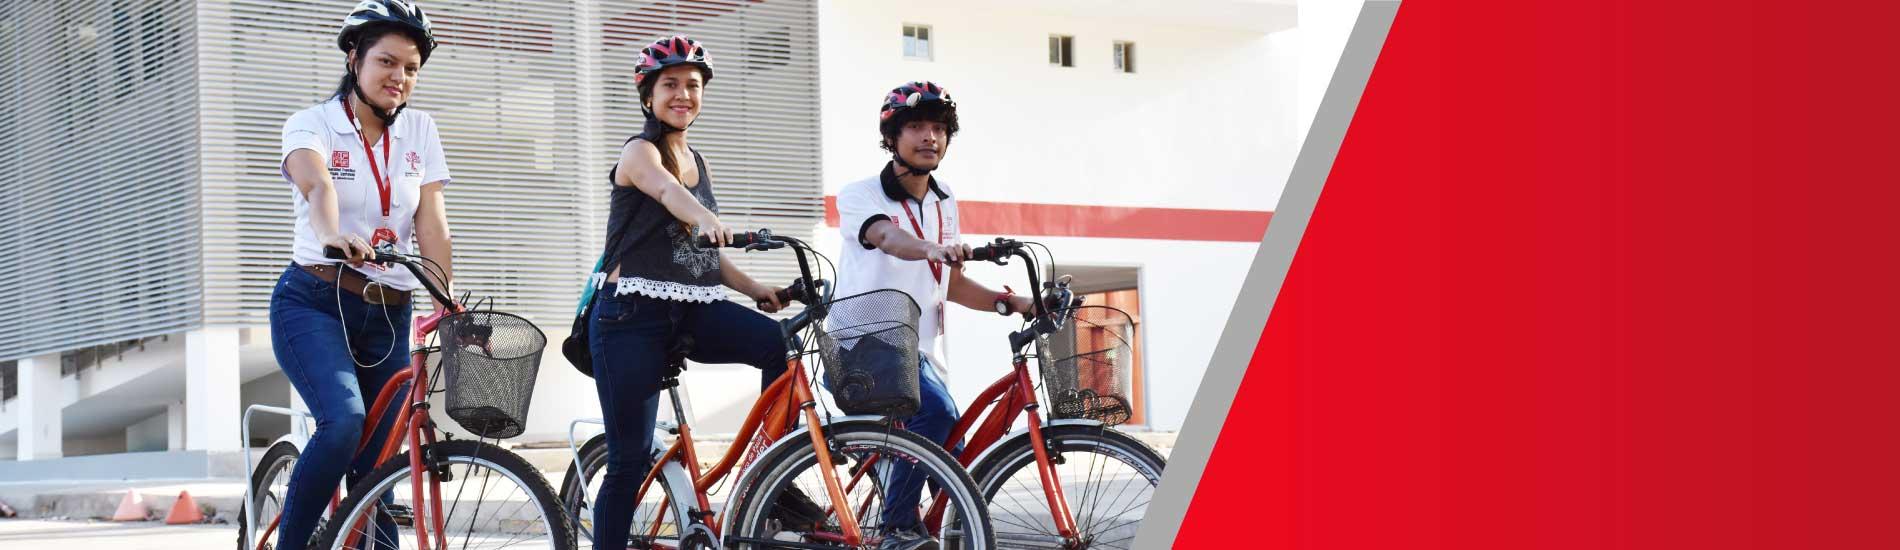 'En bici a la U', proyecto UFPS que favorece la movilidad de los estudiantes